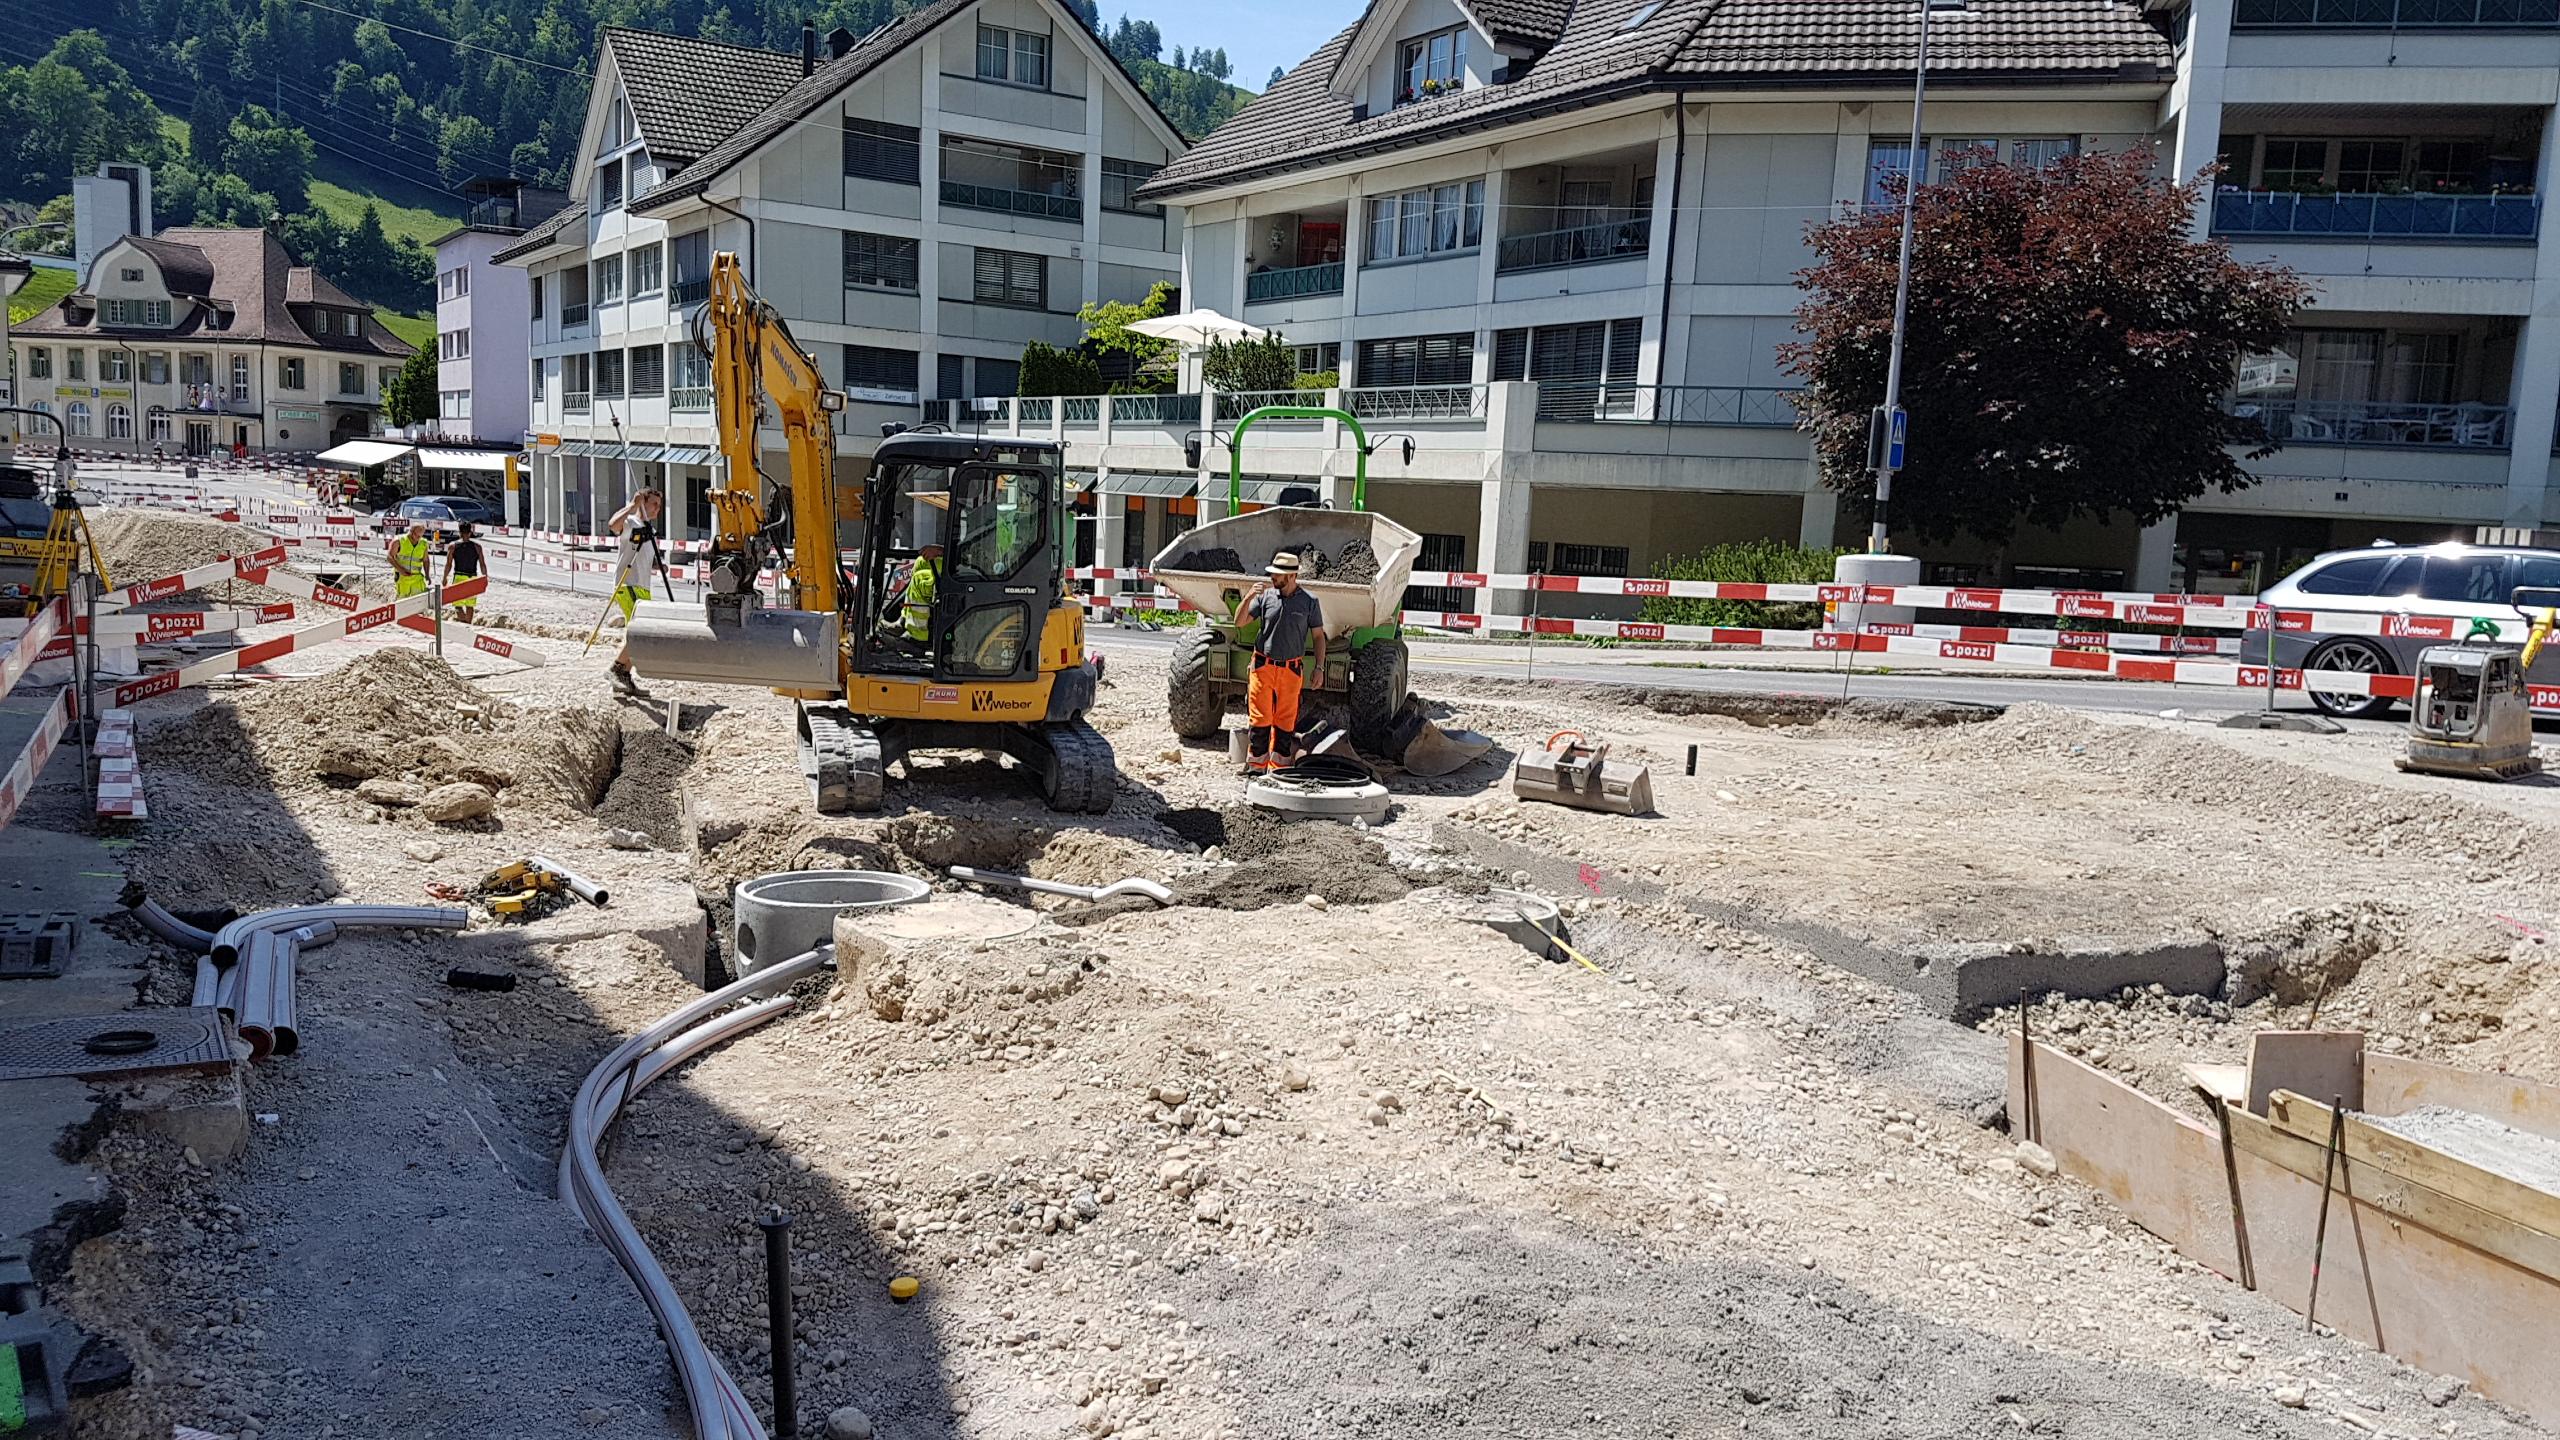 An der Poststrasse werden die Randsteine verlegt und die Vorbereitungsarbeiten für den neuen Standort des «Fär-berbrunnens» getroffen.